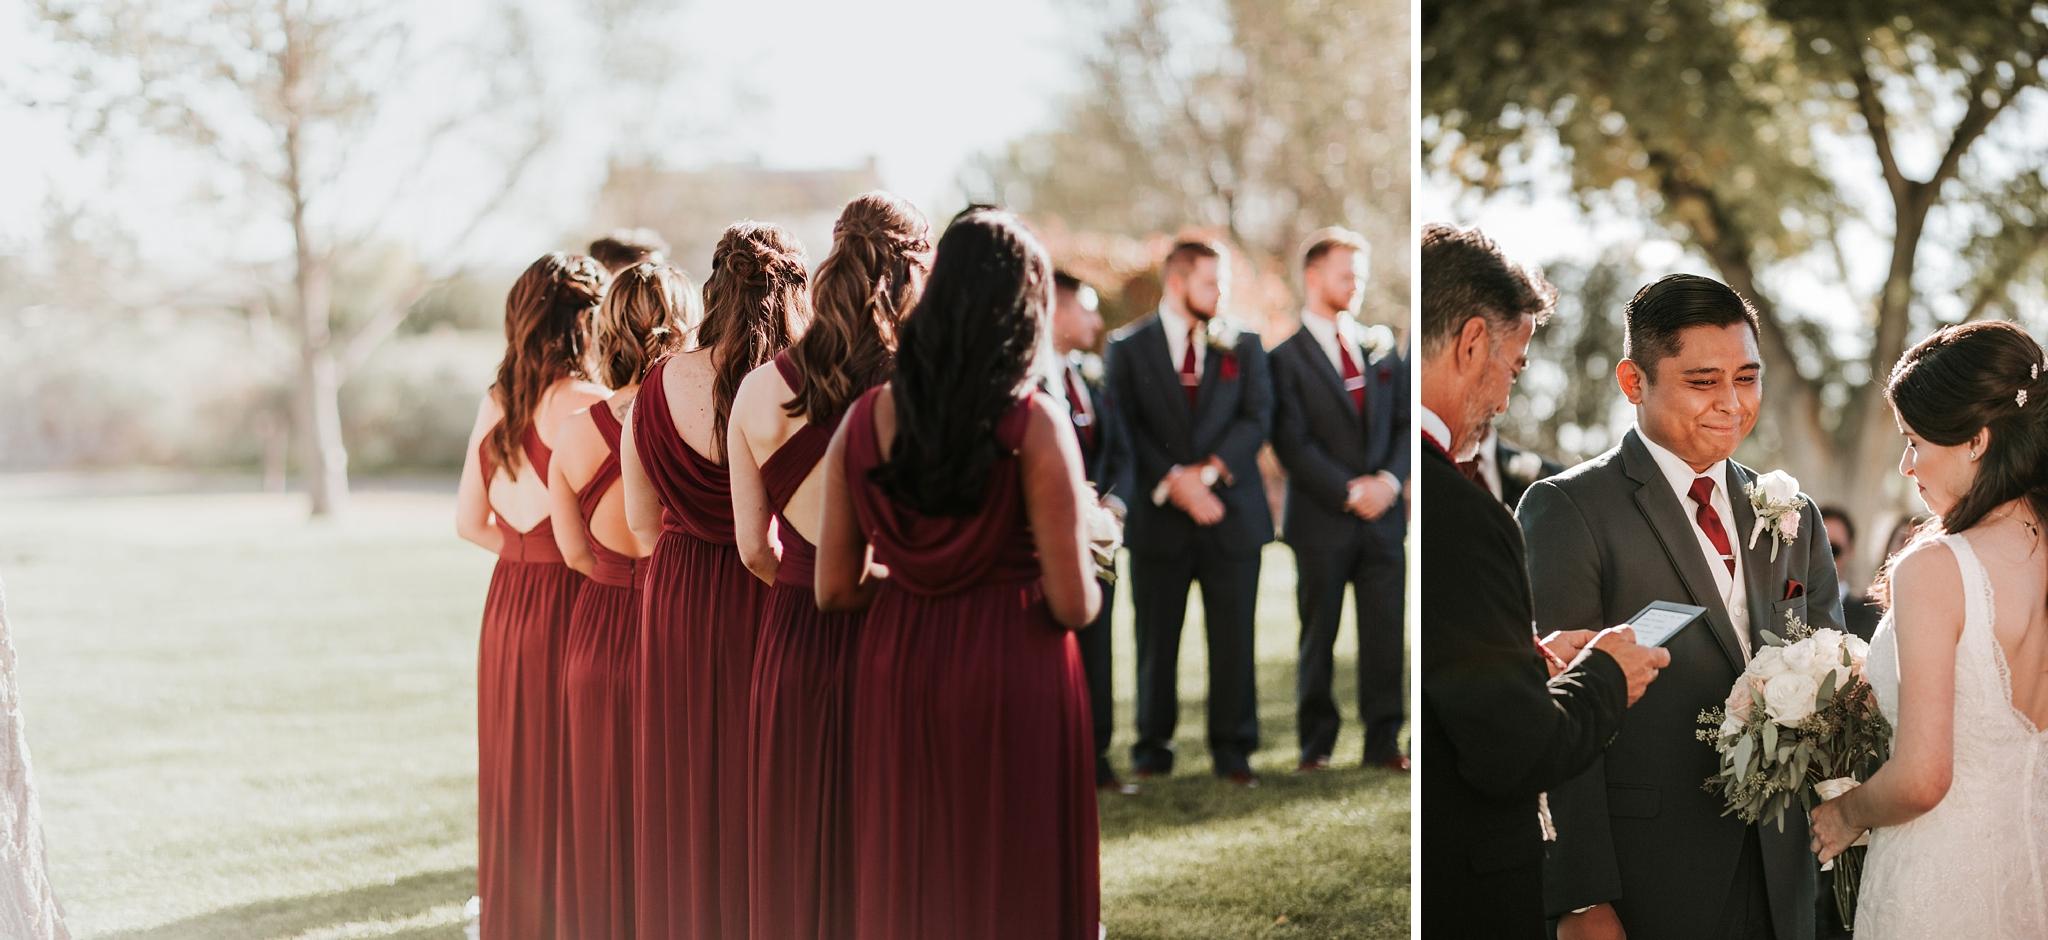 Alicia+lucia+photography+-+albuquerque+wedding+photographer+-+santa+fe+wedding+photography+-+new+mexico+wedding+photographer+-+new+mexico+wedding+-+wedding+vows+-+writing+your+own+vows+-+wedding+inspo_0009.jpg